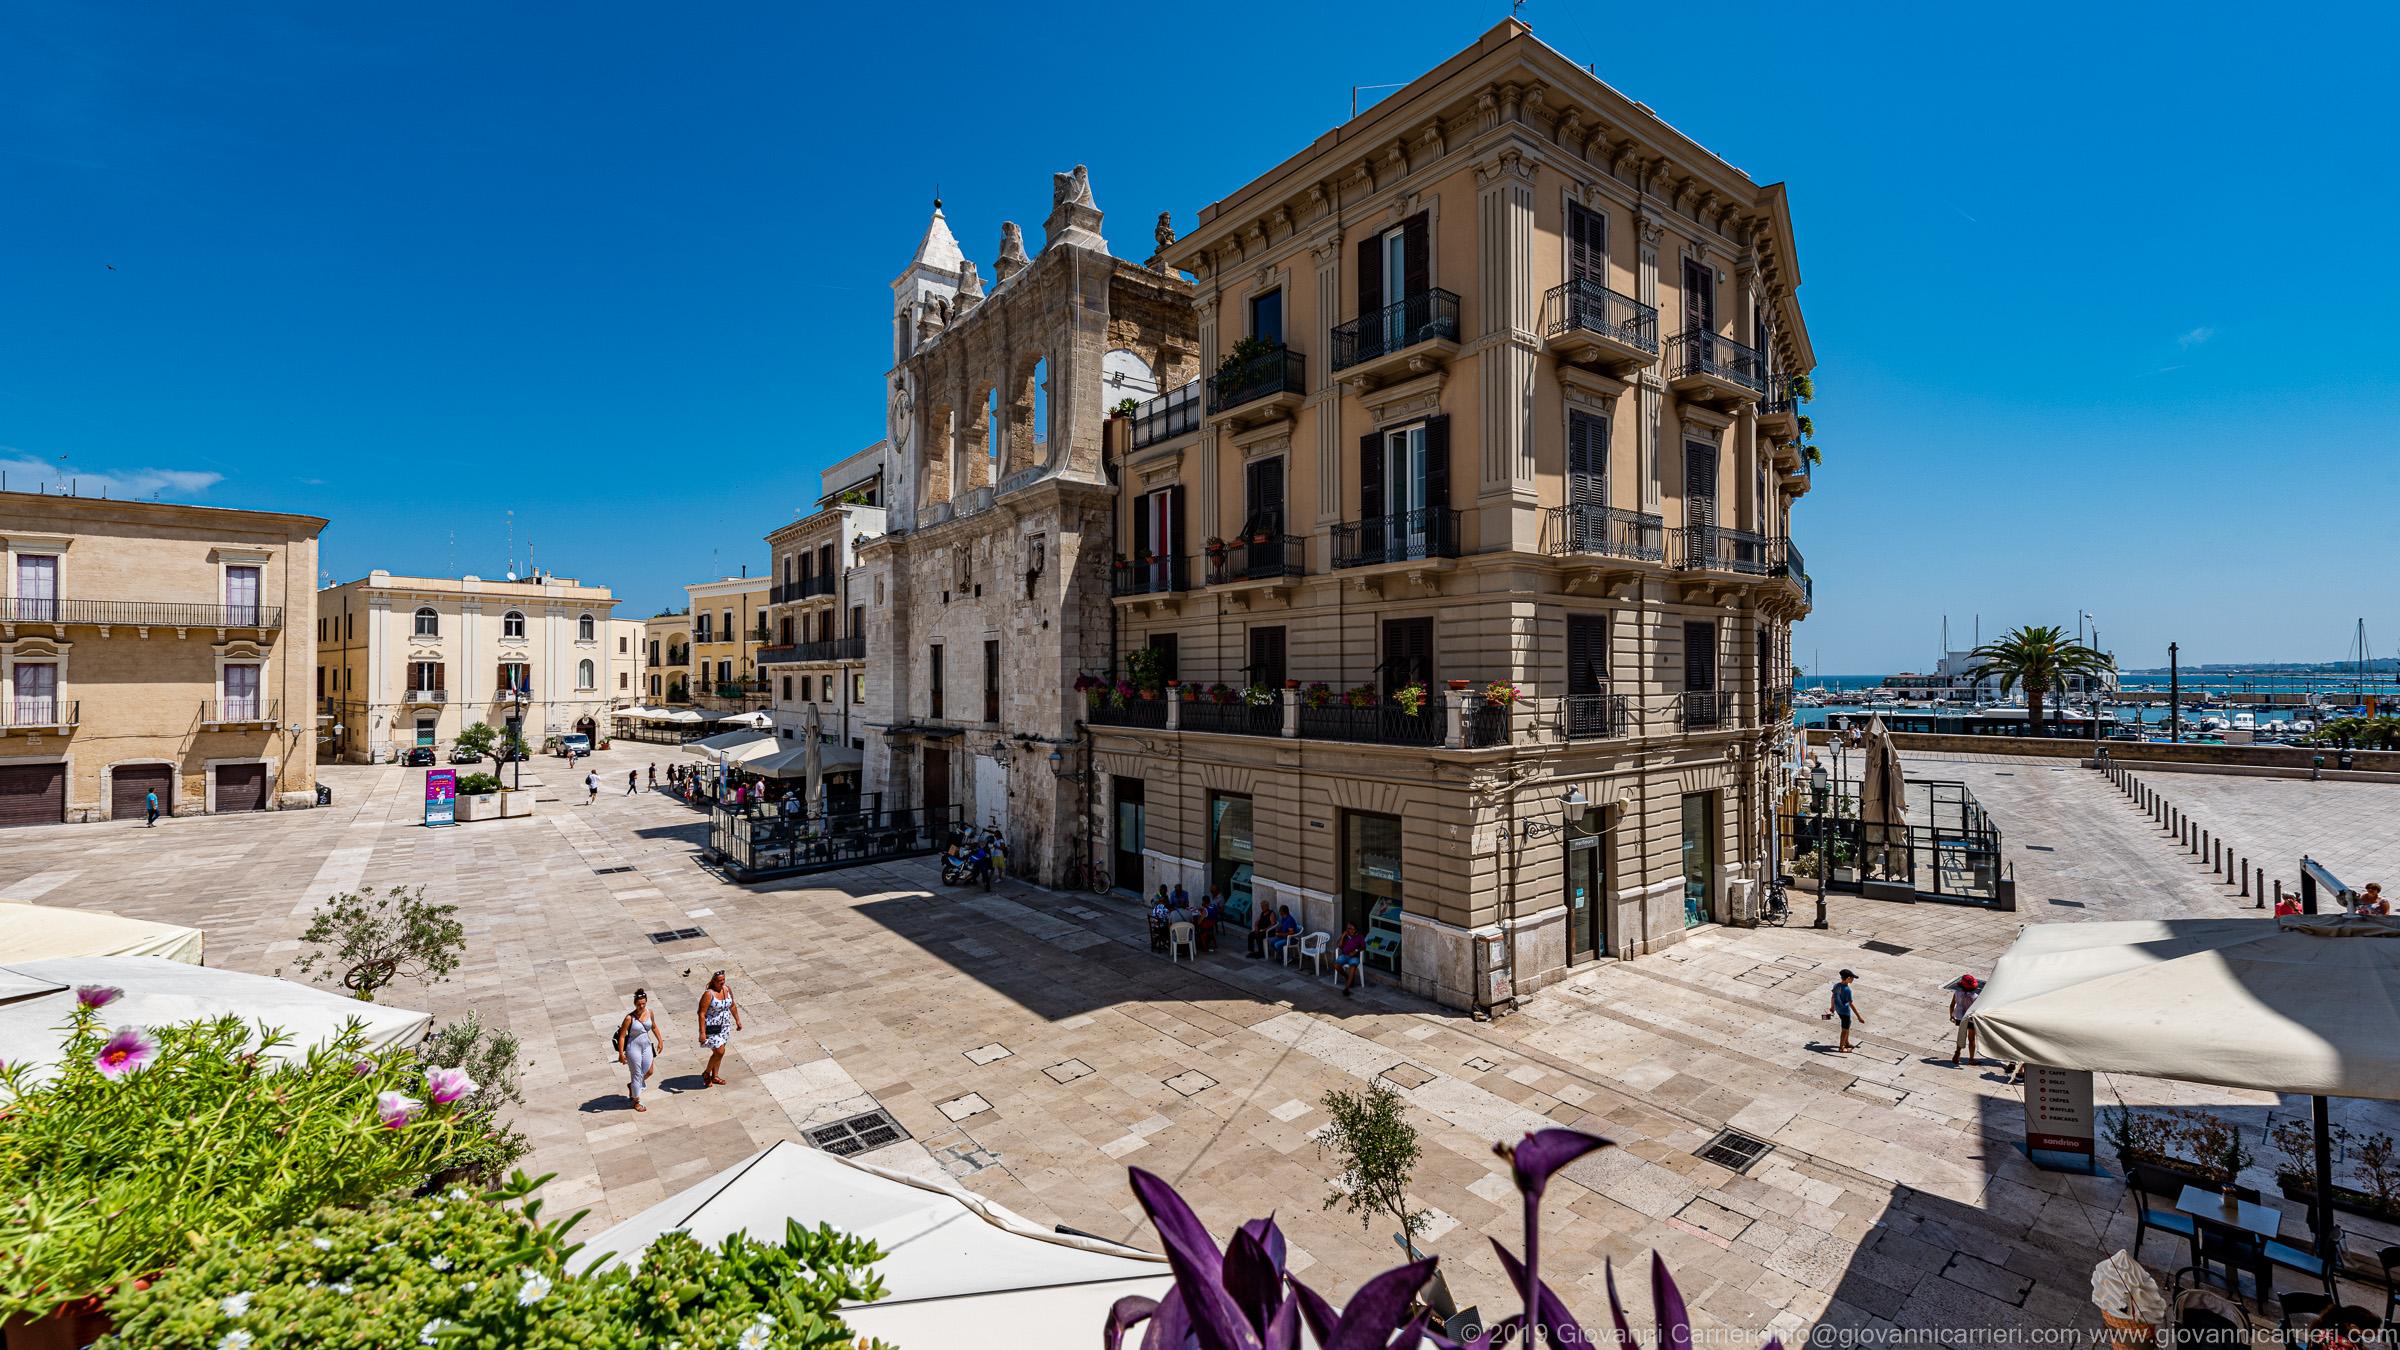 Vista di Piazza Mercantile e di Piazza Ferrarese